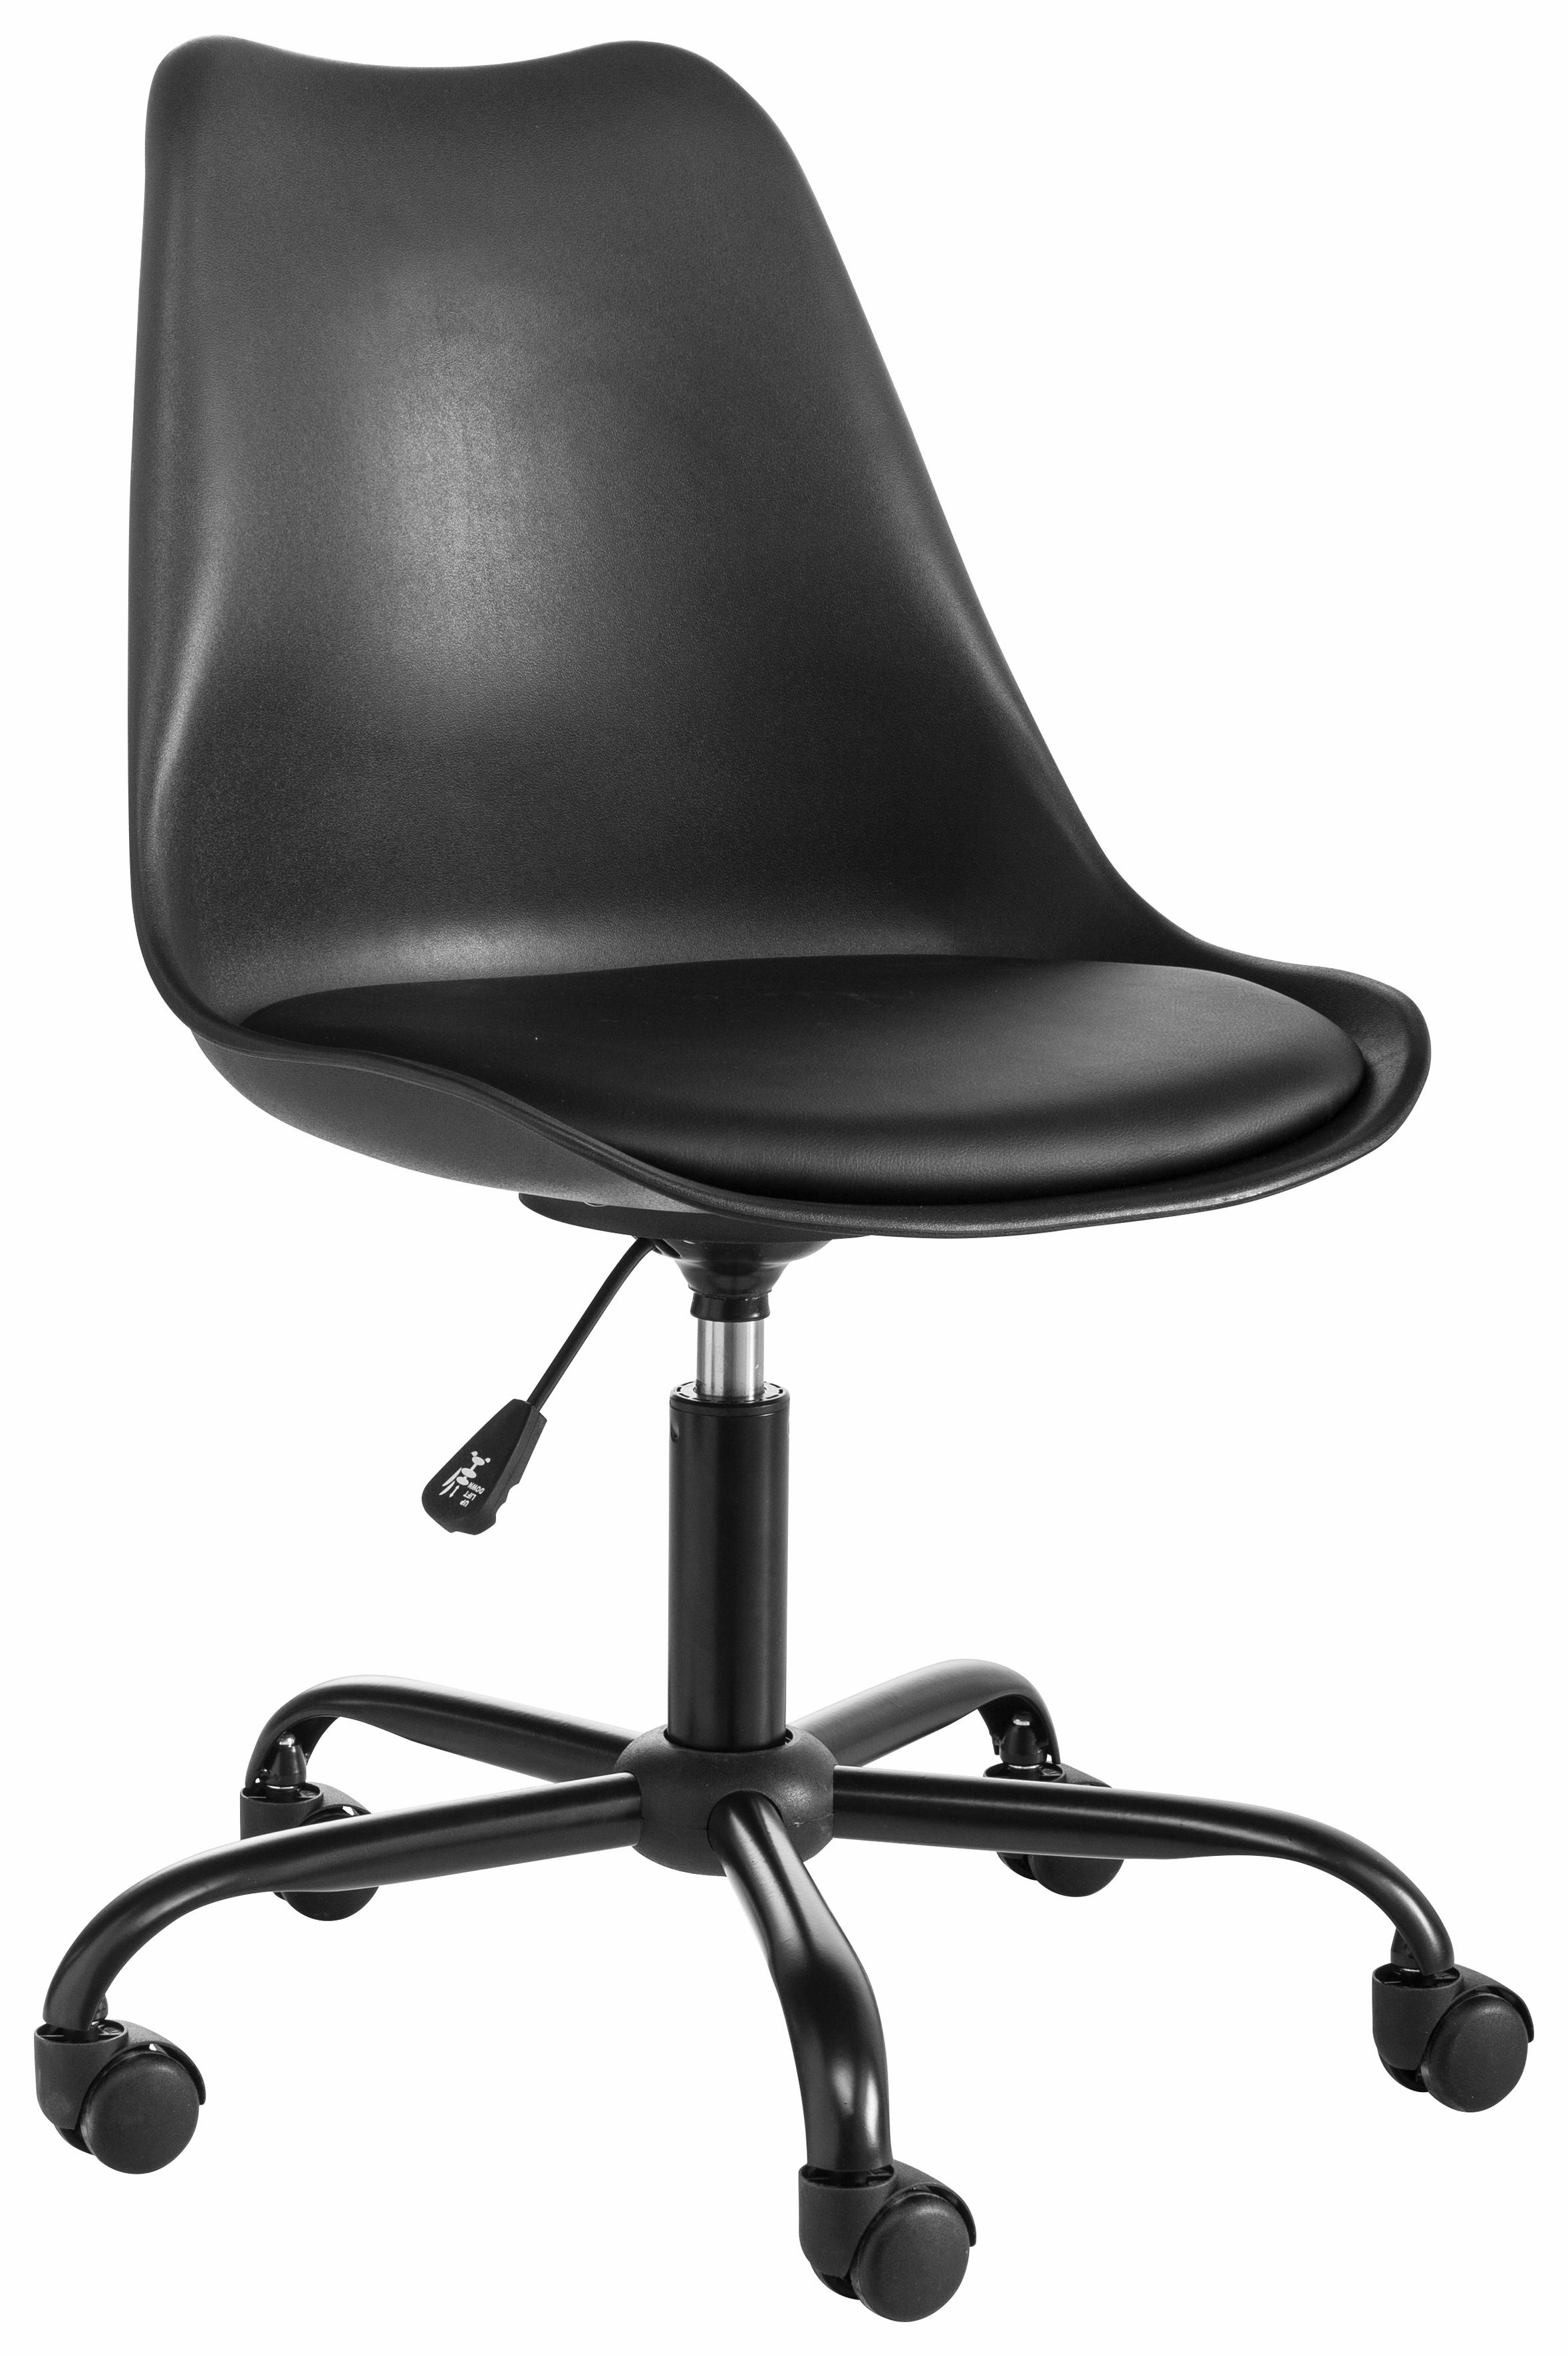 Bureaustoel Wit Goedkoop.Goedkope Bureaustoel Vanaf 44 99 In Verschillende Varianten Otto